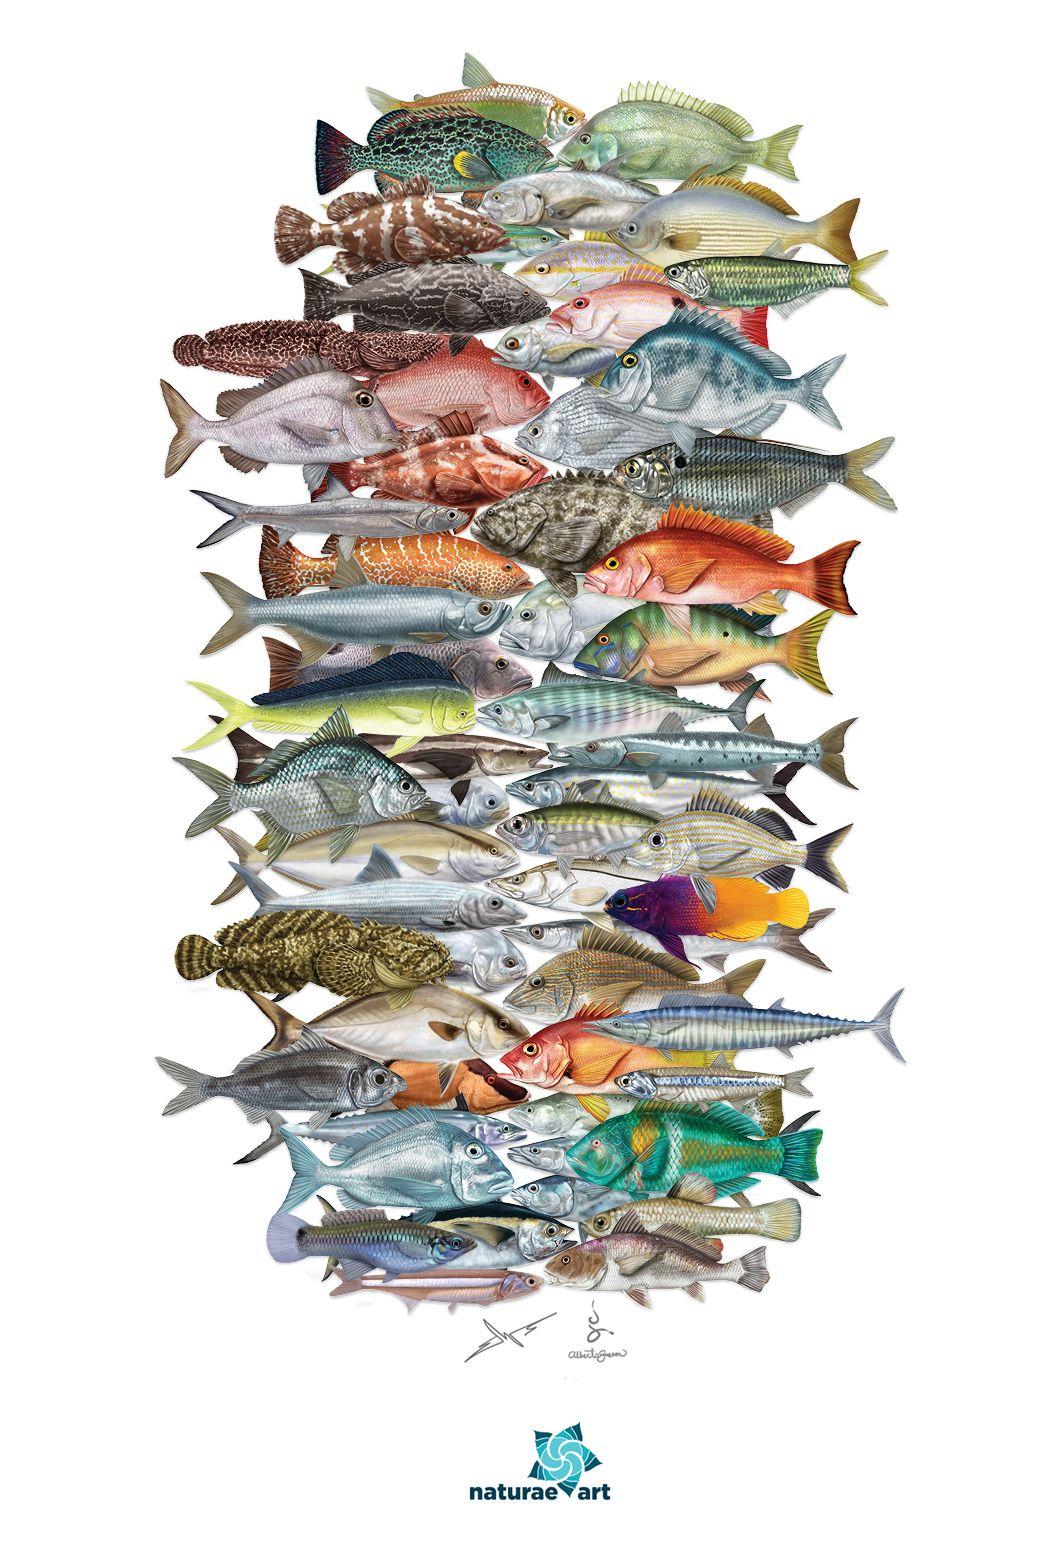 plentiful fish dating site